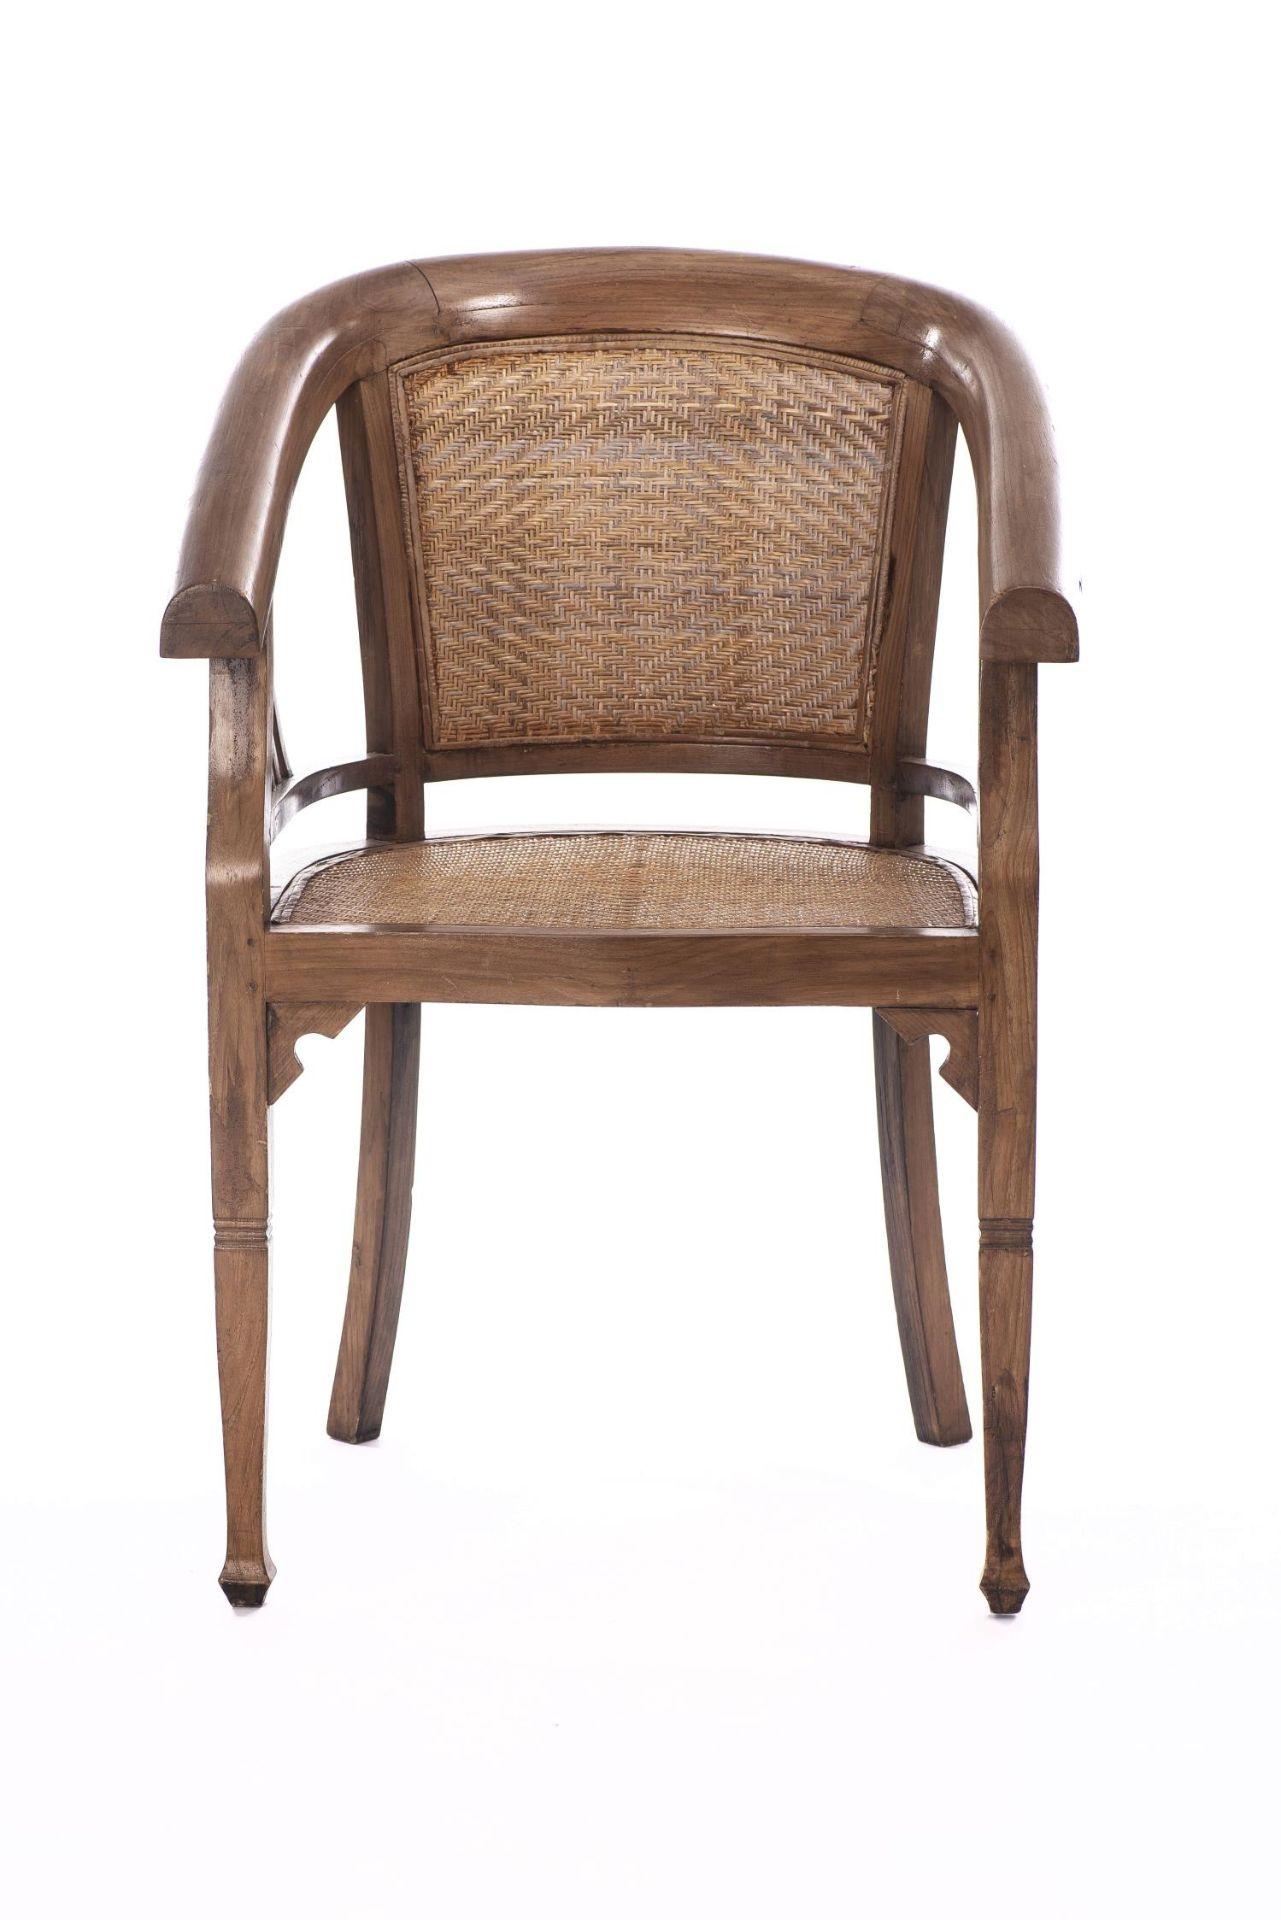 Deux fauteuils et une banquette balinais en Suar teck - Bild 9 aus 15